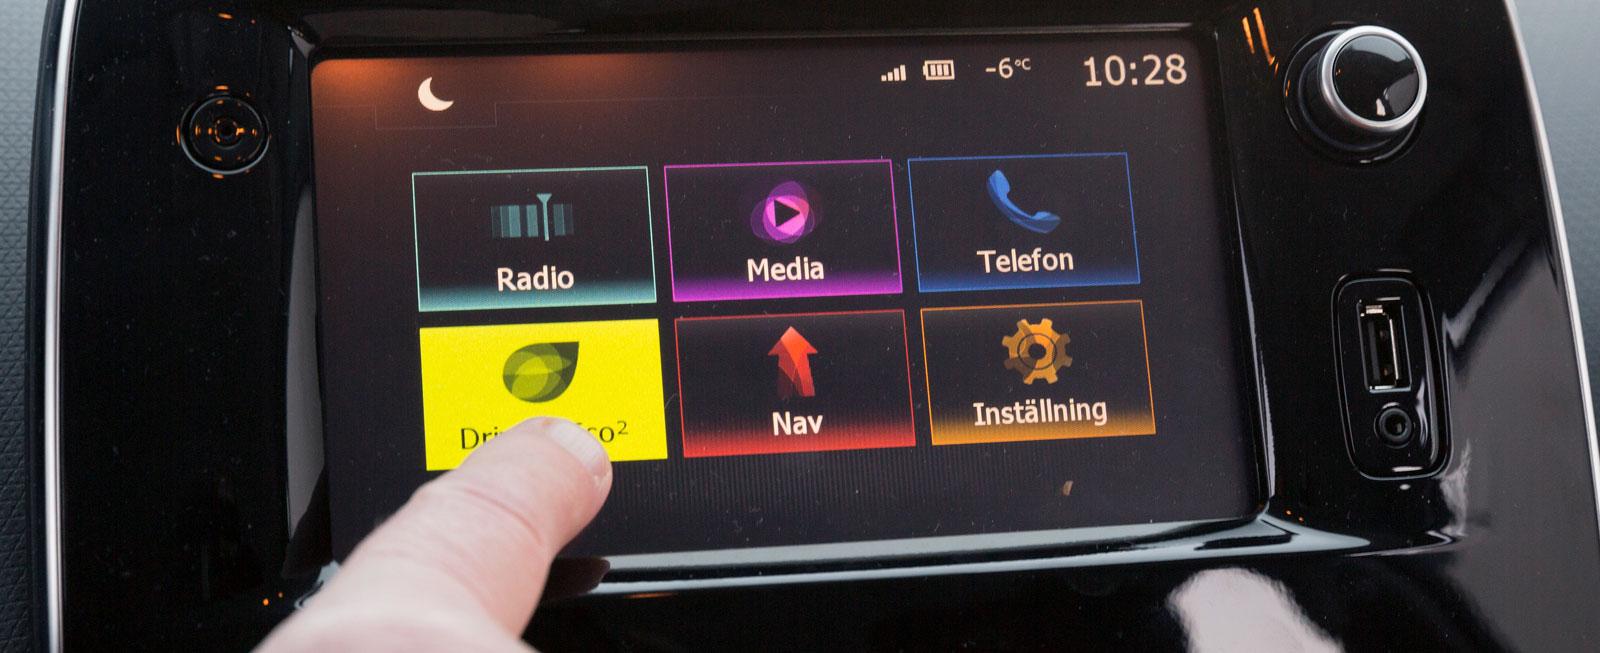 """Renaults system är standard i versionen """"Zen"""" och är ovanligt enkelt att använda för att vara en pekskärm. Få, lättbegripliga symboler och logiskt gränssnitt."""